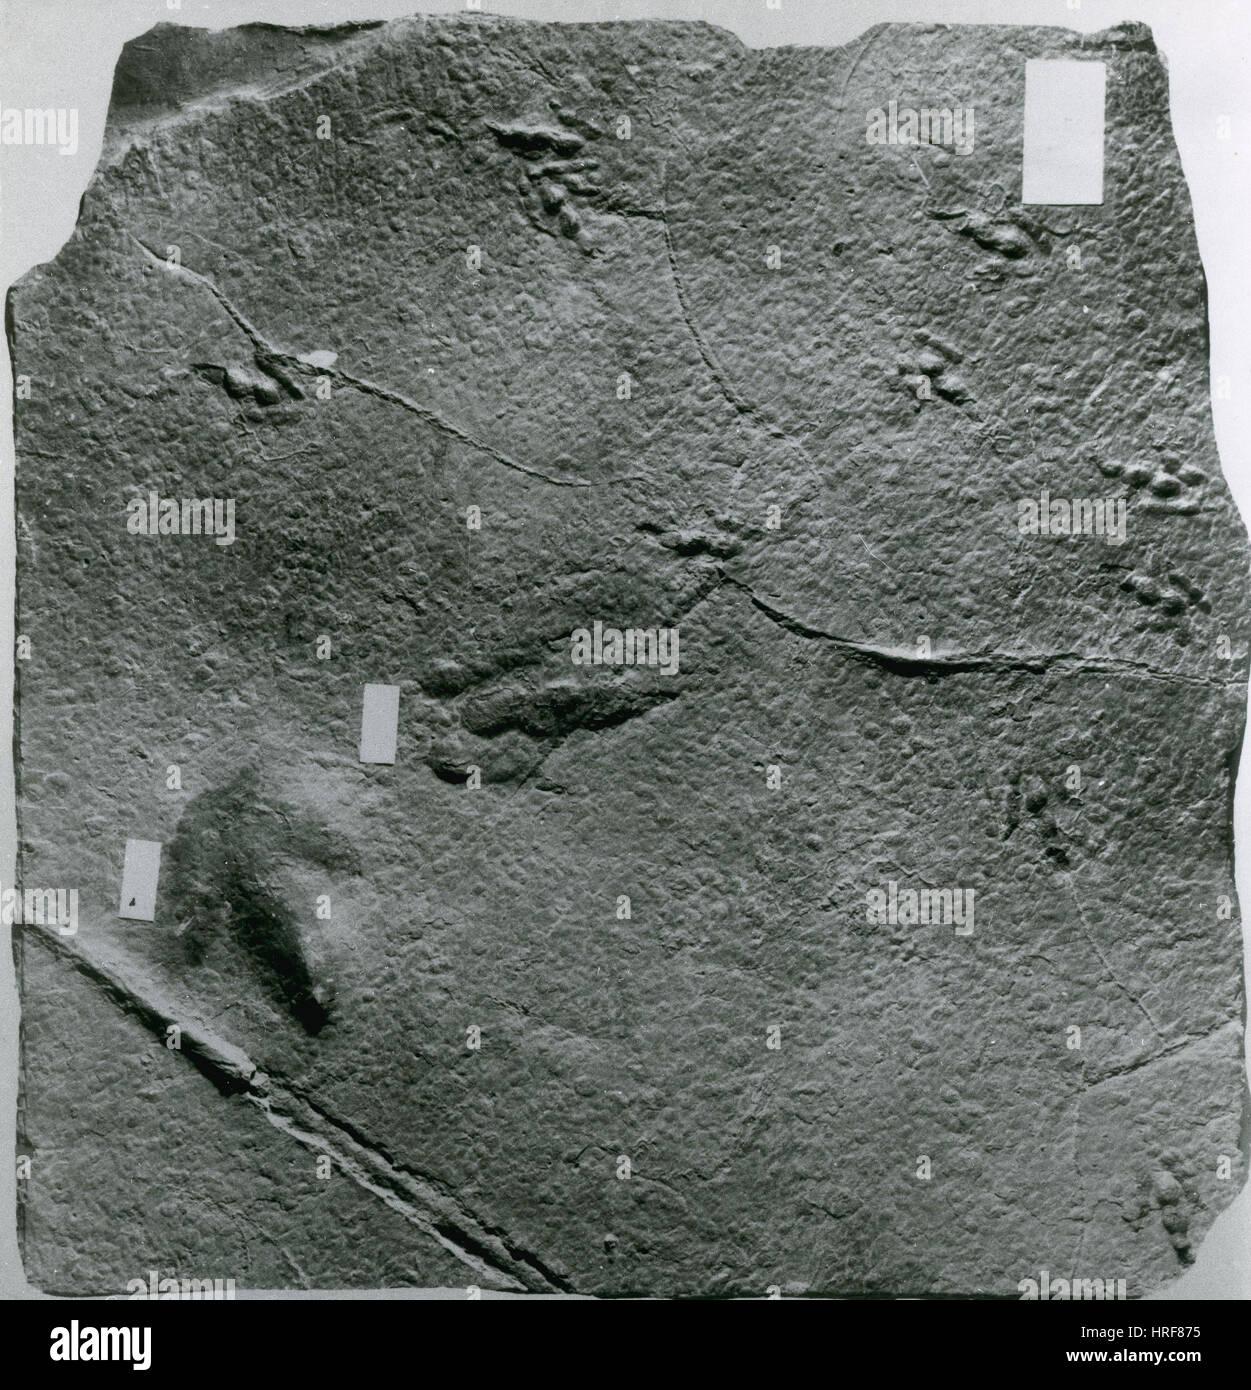 Dinosaur Tracks - Stock Image